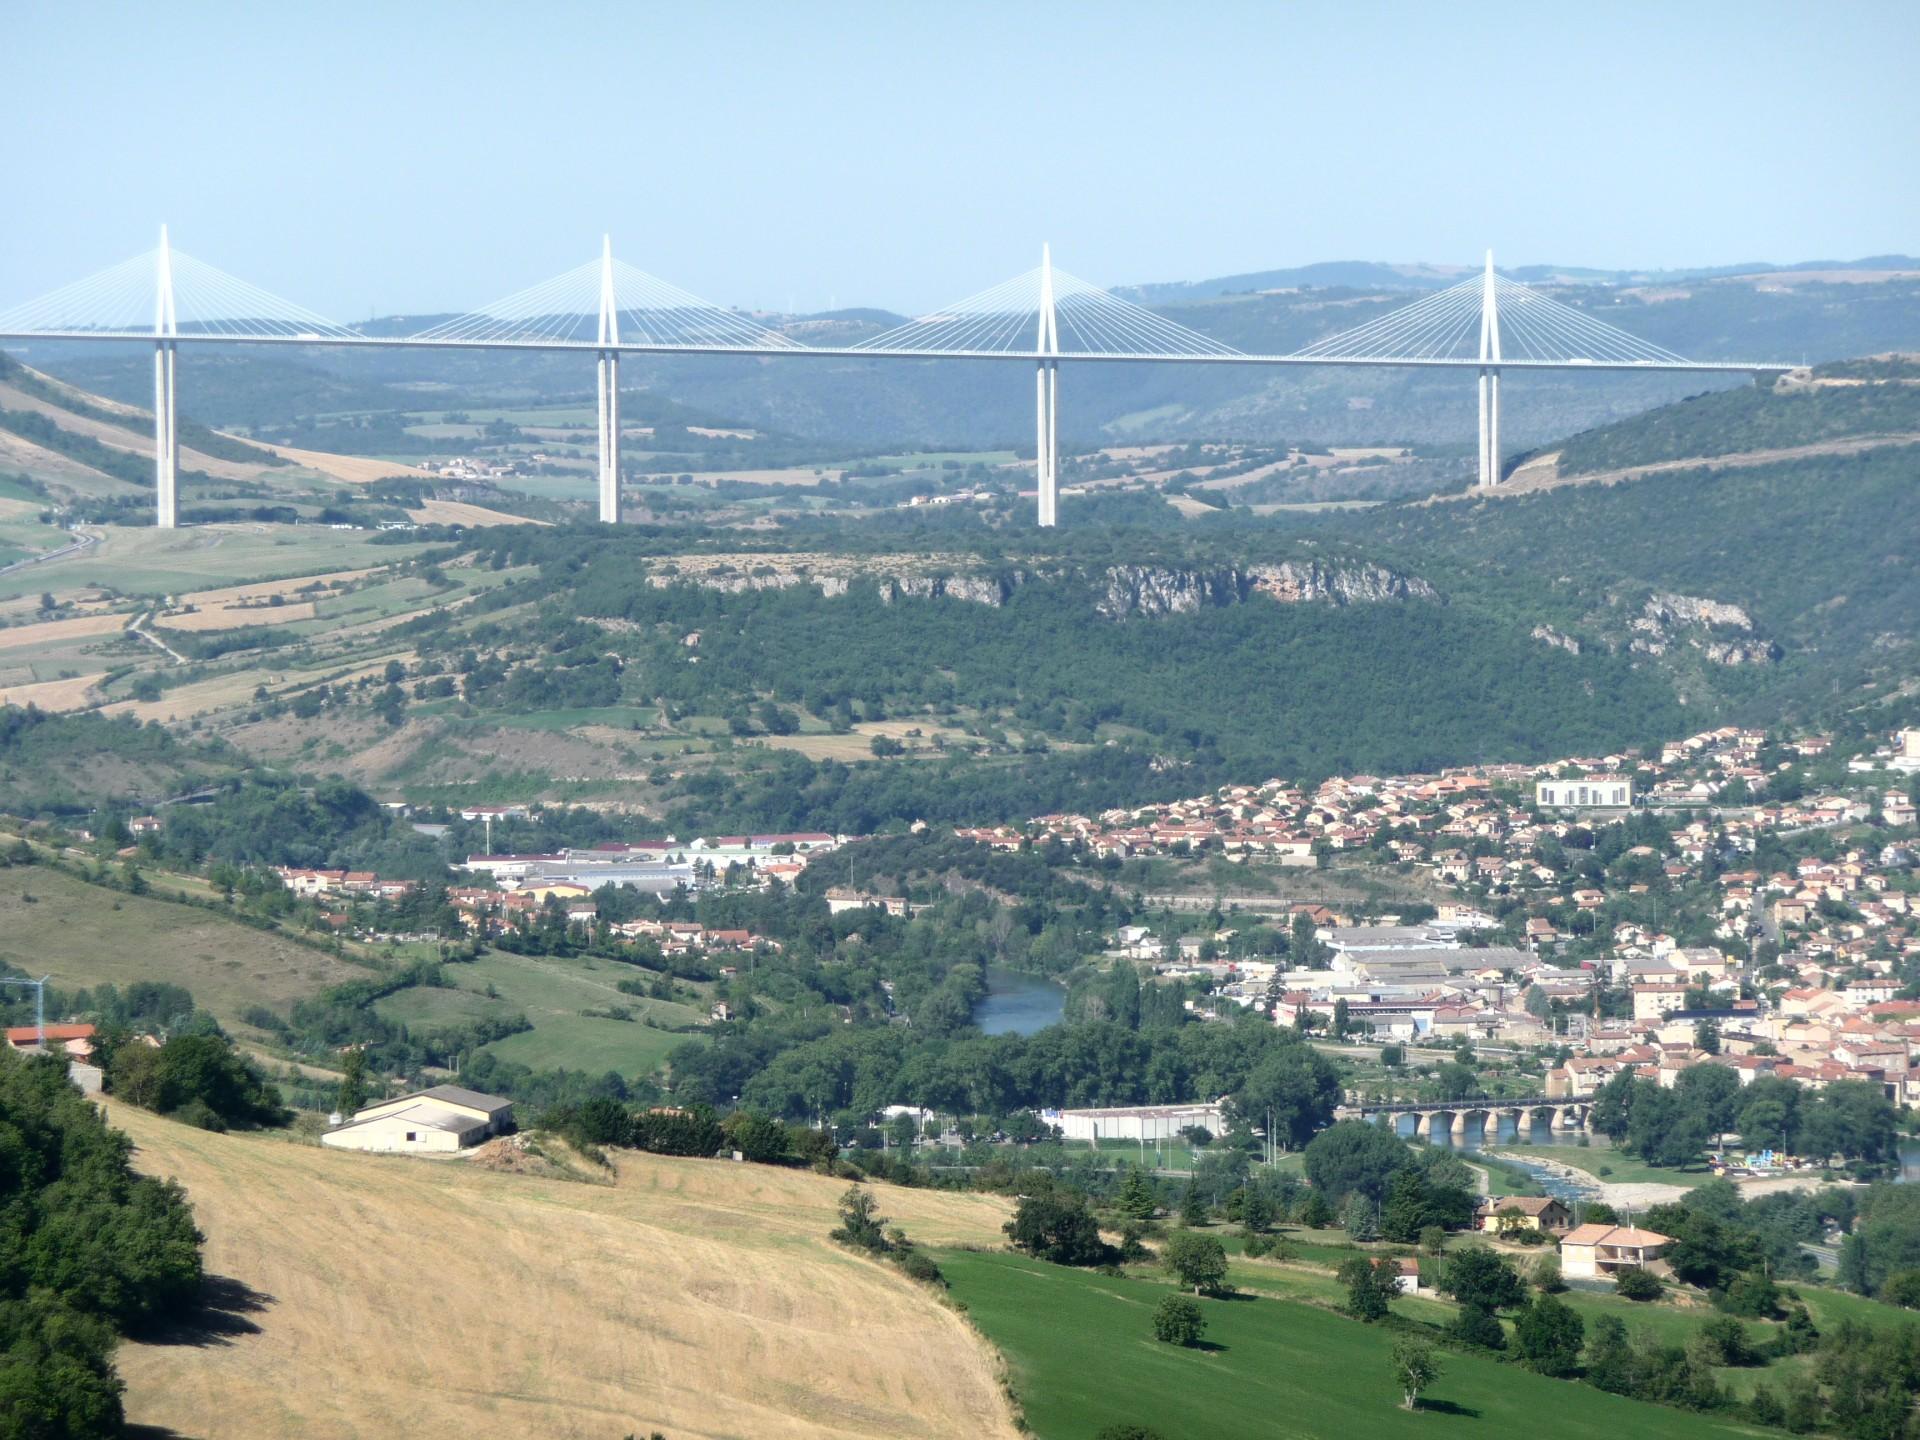 Viaduc de Millau vom Aussichtspunkt aus gesehen